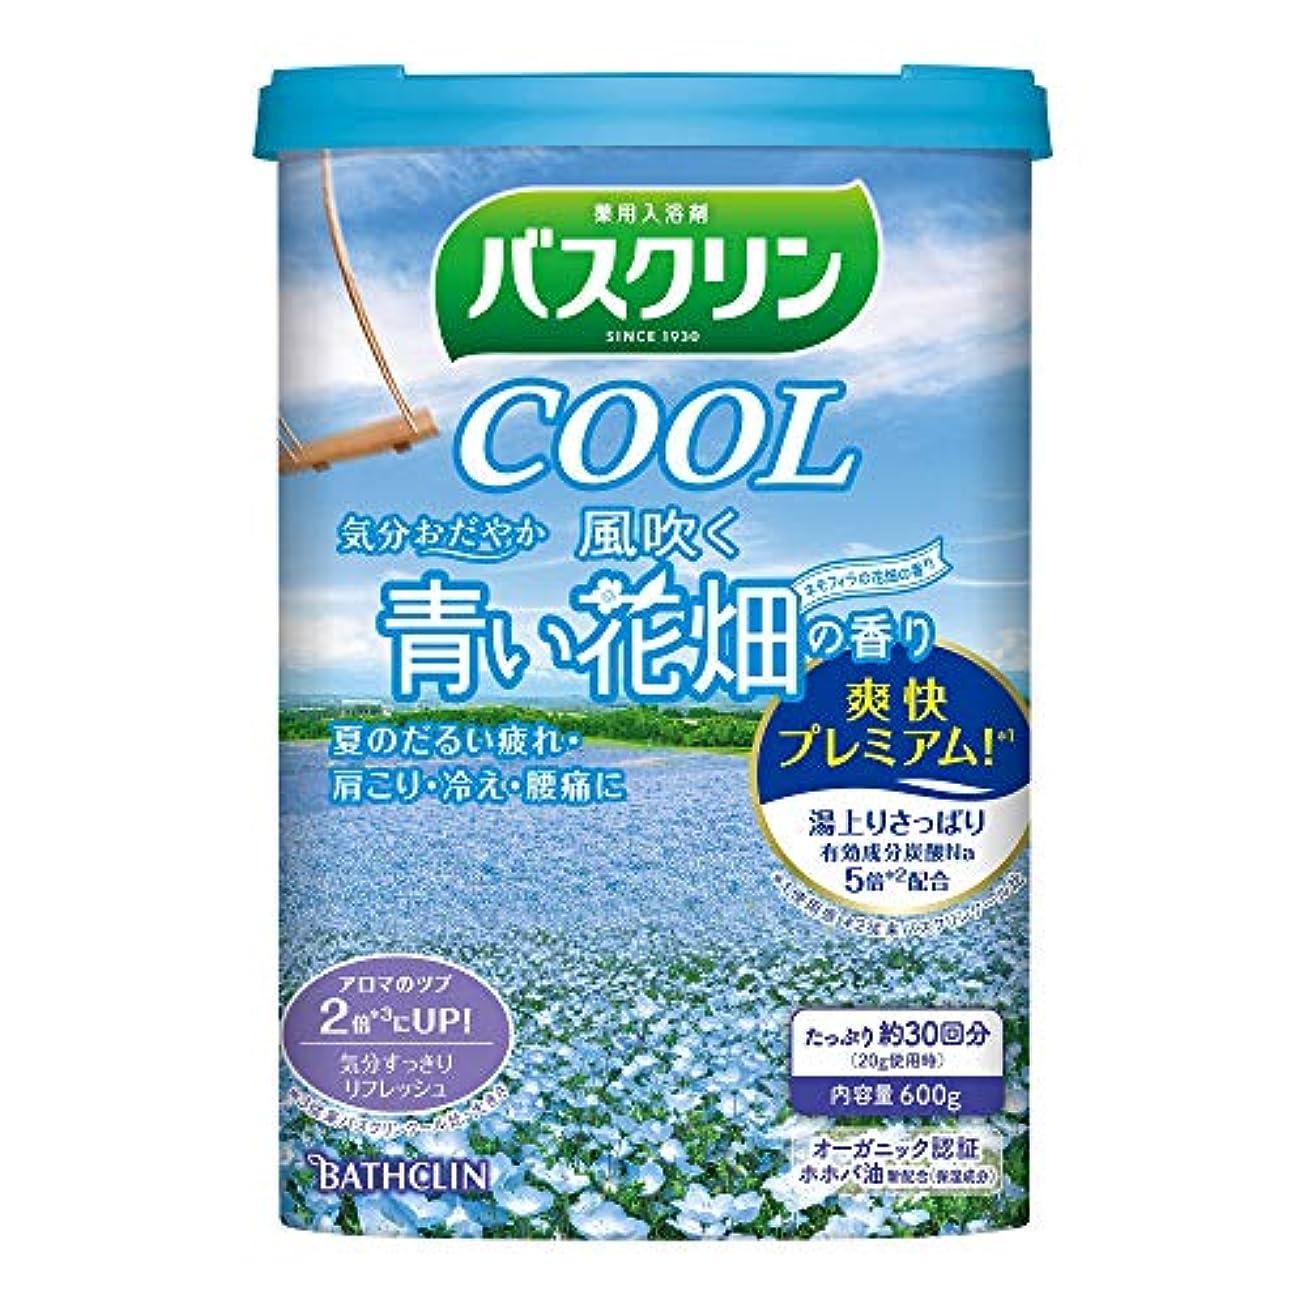 いたずらなるクラックポット【医薬部外品】バスクリンクール入浴剤 風吹く青い花畑の香り600g クール入浴剤 すっきりさわやか